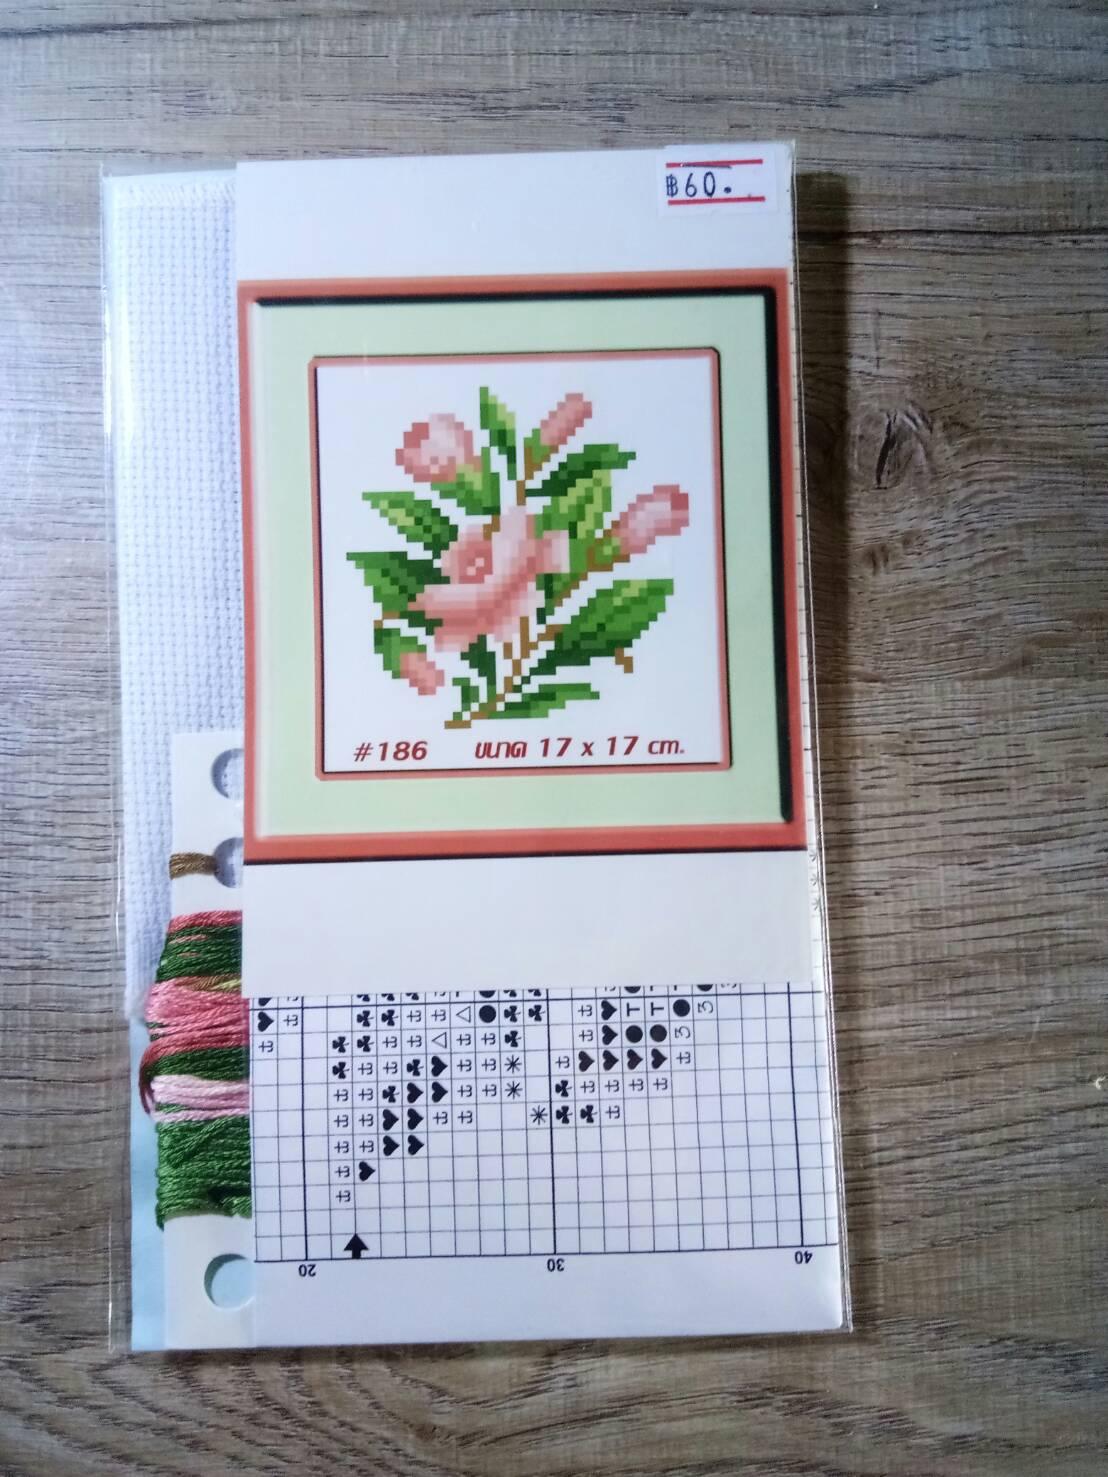 ชุดปักครอสติช ลาย ดอกไม้ ขนาด 15*15 ซม.ผ้าครอสติช 14 CT ไม่พิมพ์ลายปัก ไหมคอตตอน สี+ผังลาย+เข็ม (ส่งฟรี)